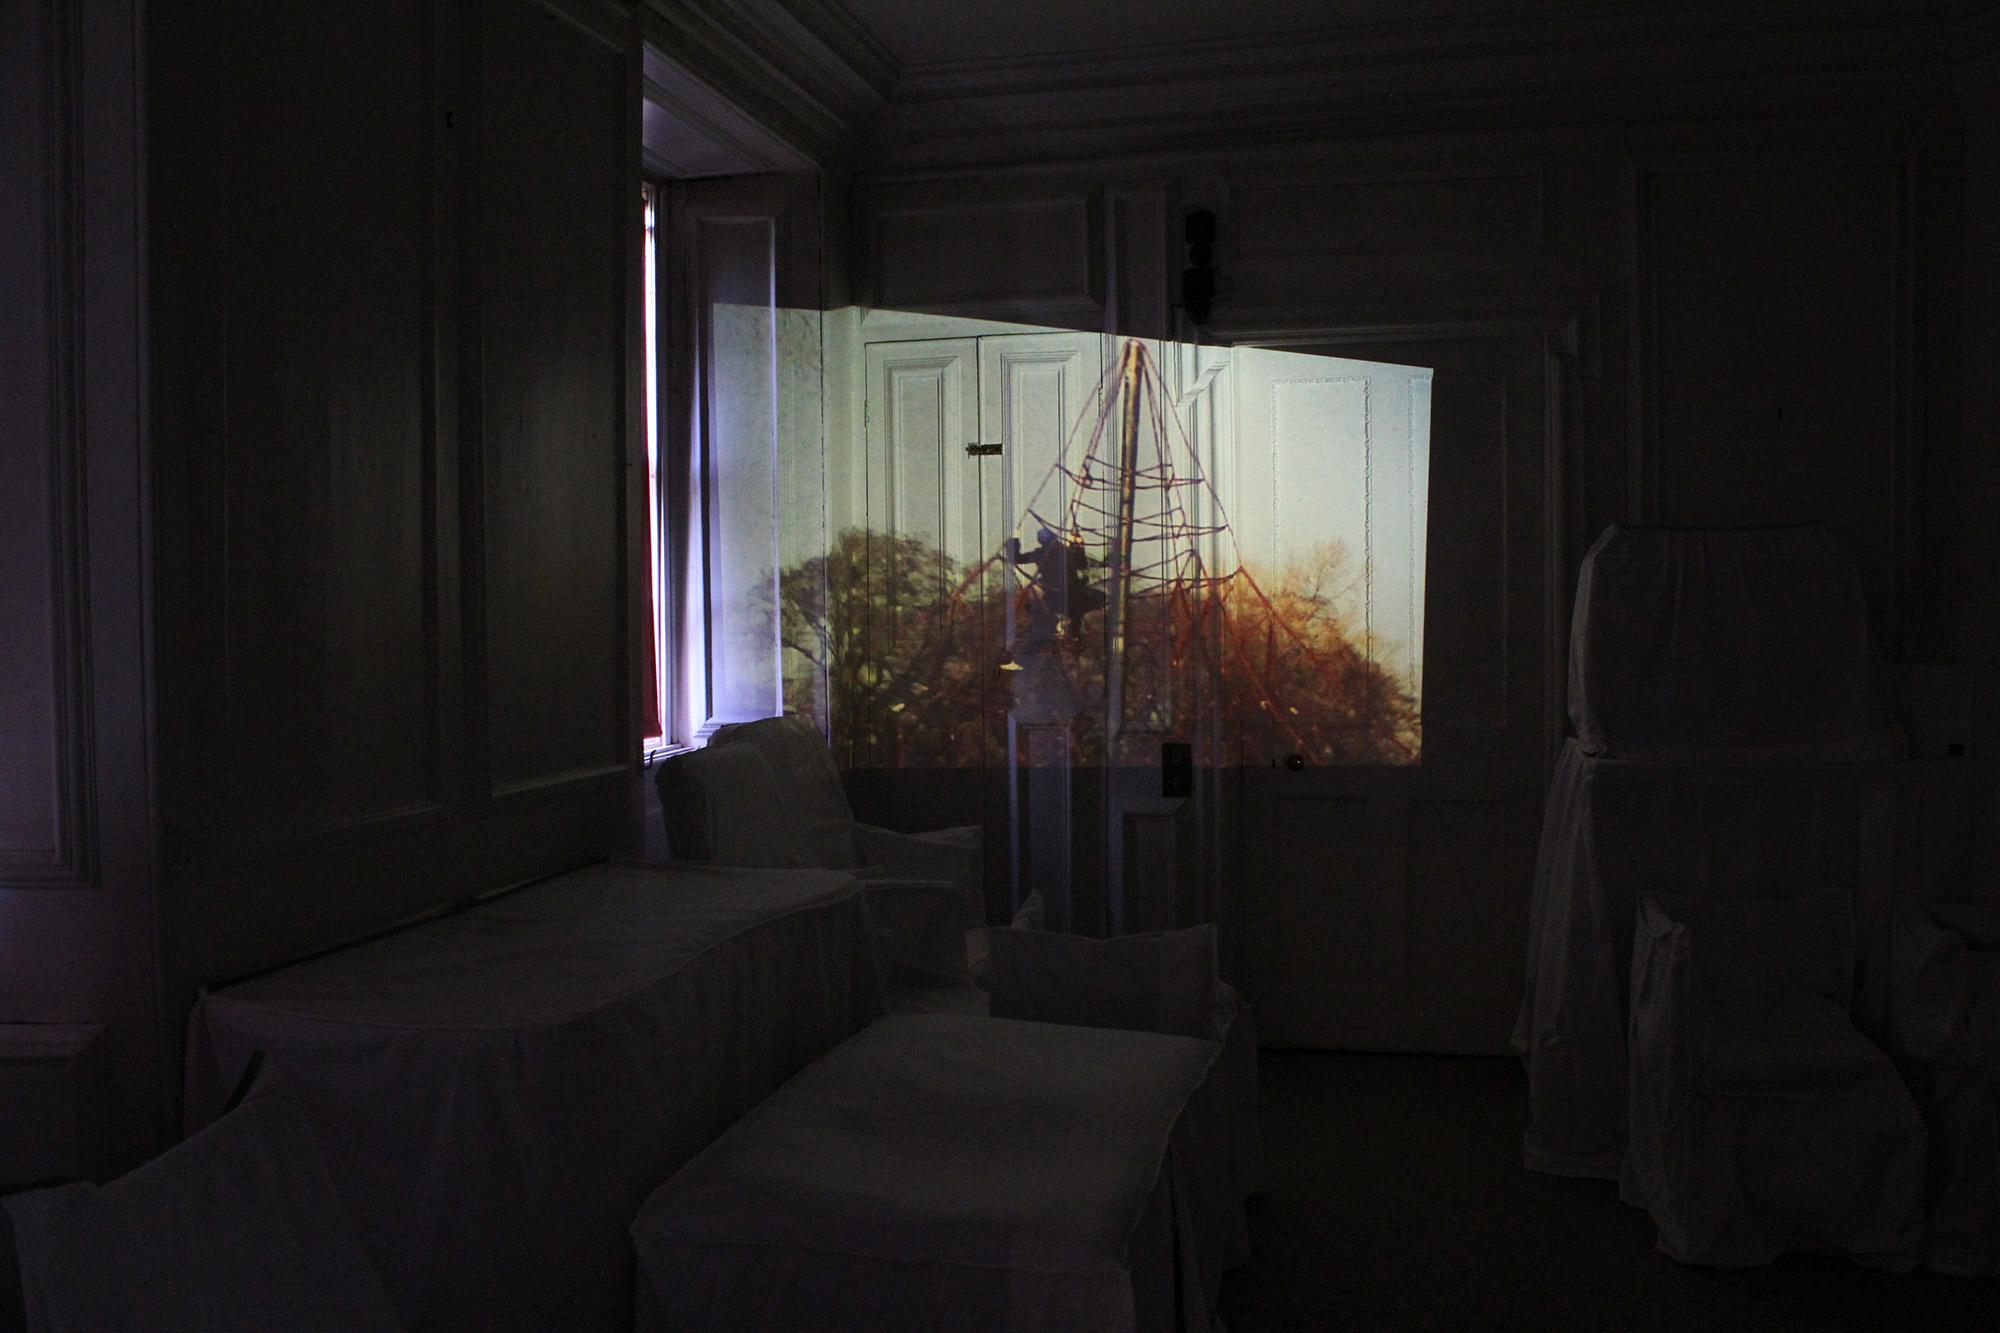 ideogram  35mm slide projection